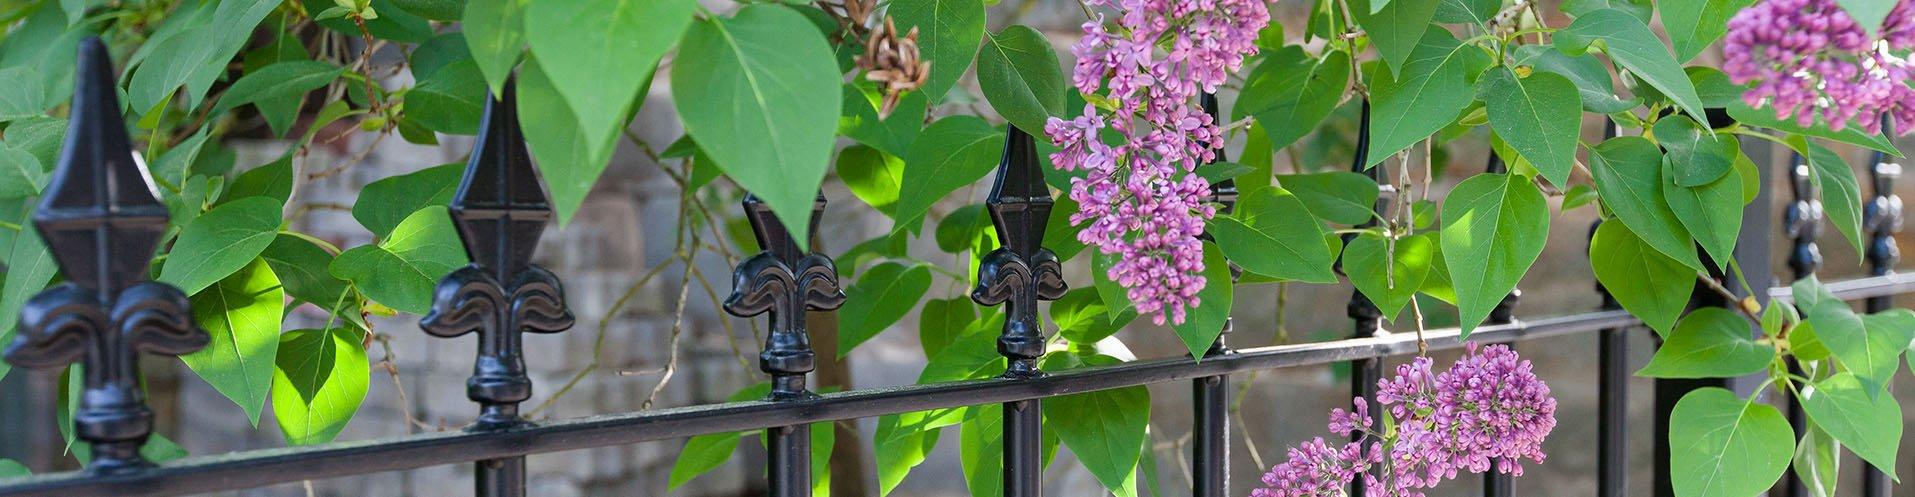 Gartenzäune aus Schmiedeeisen